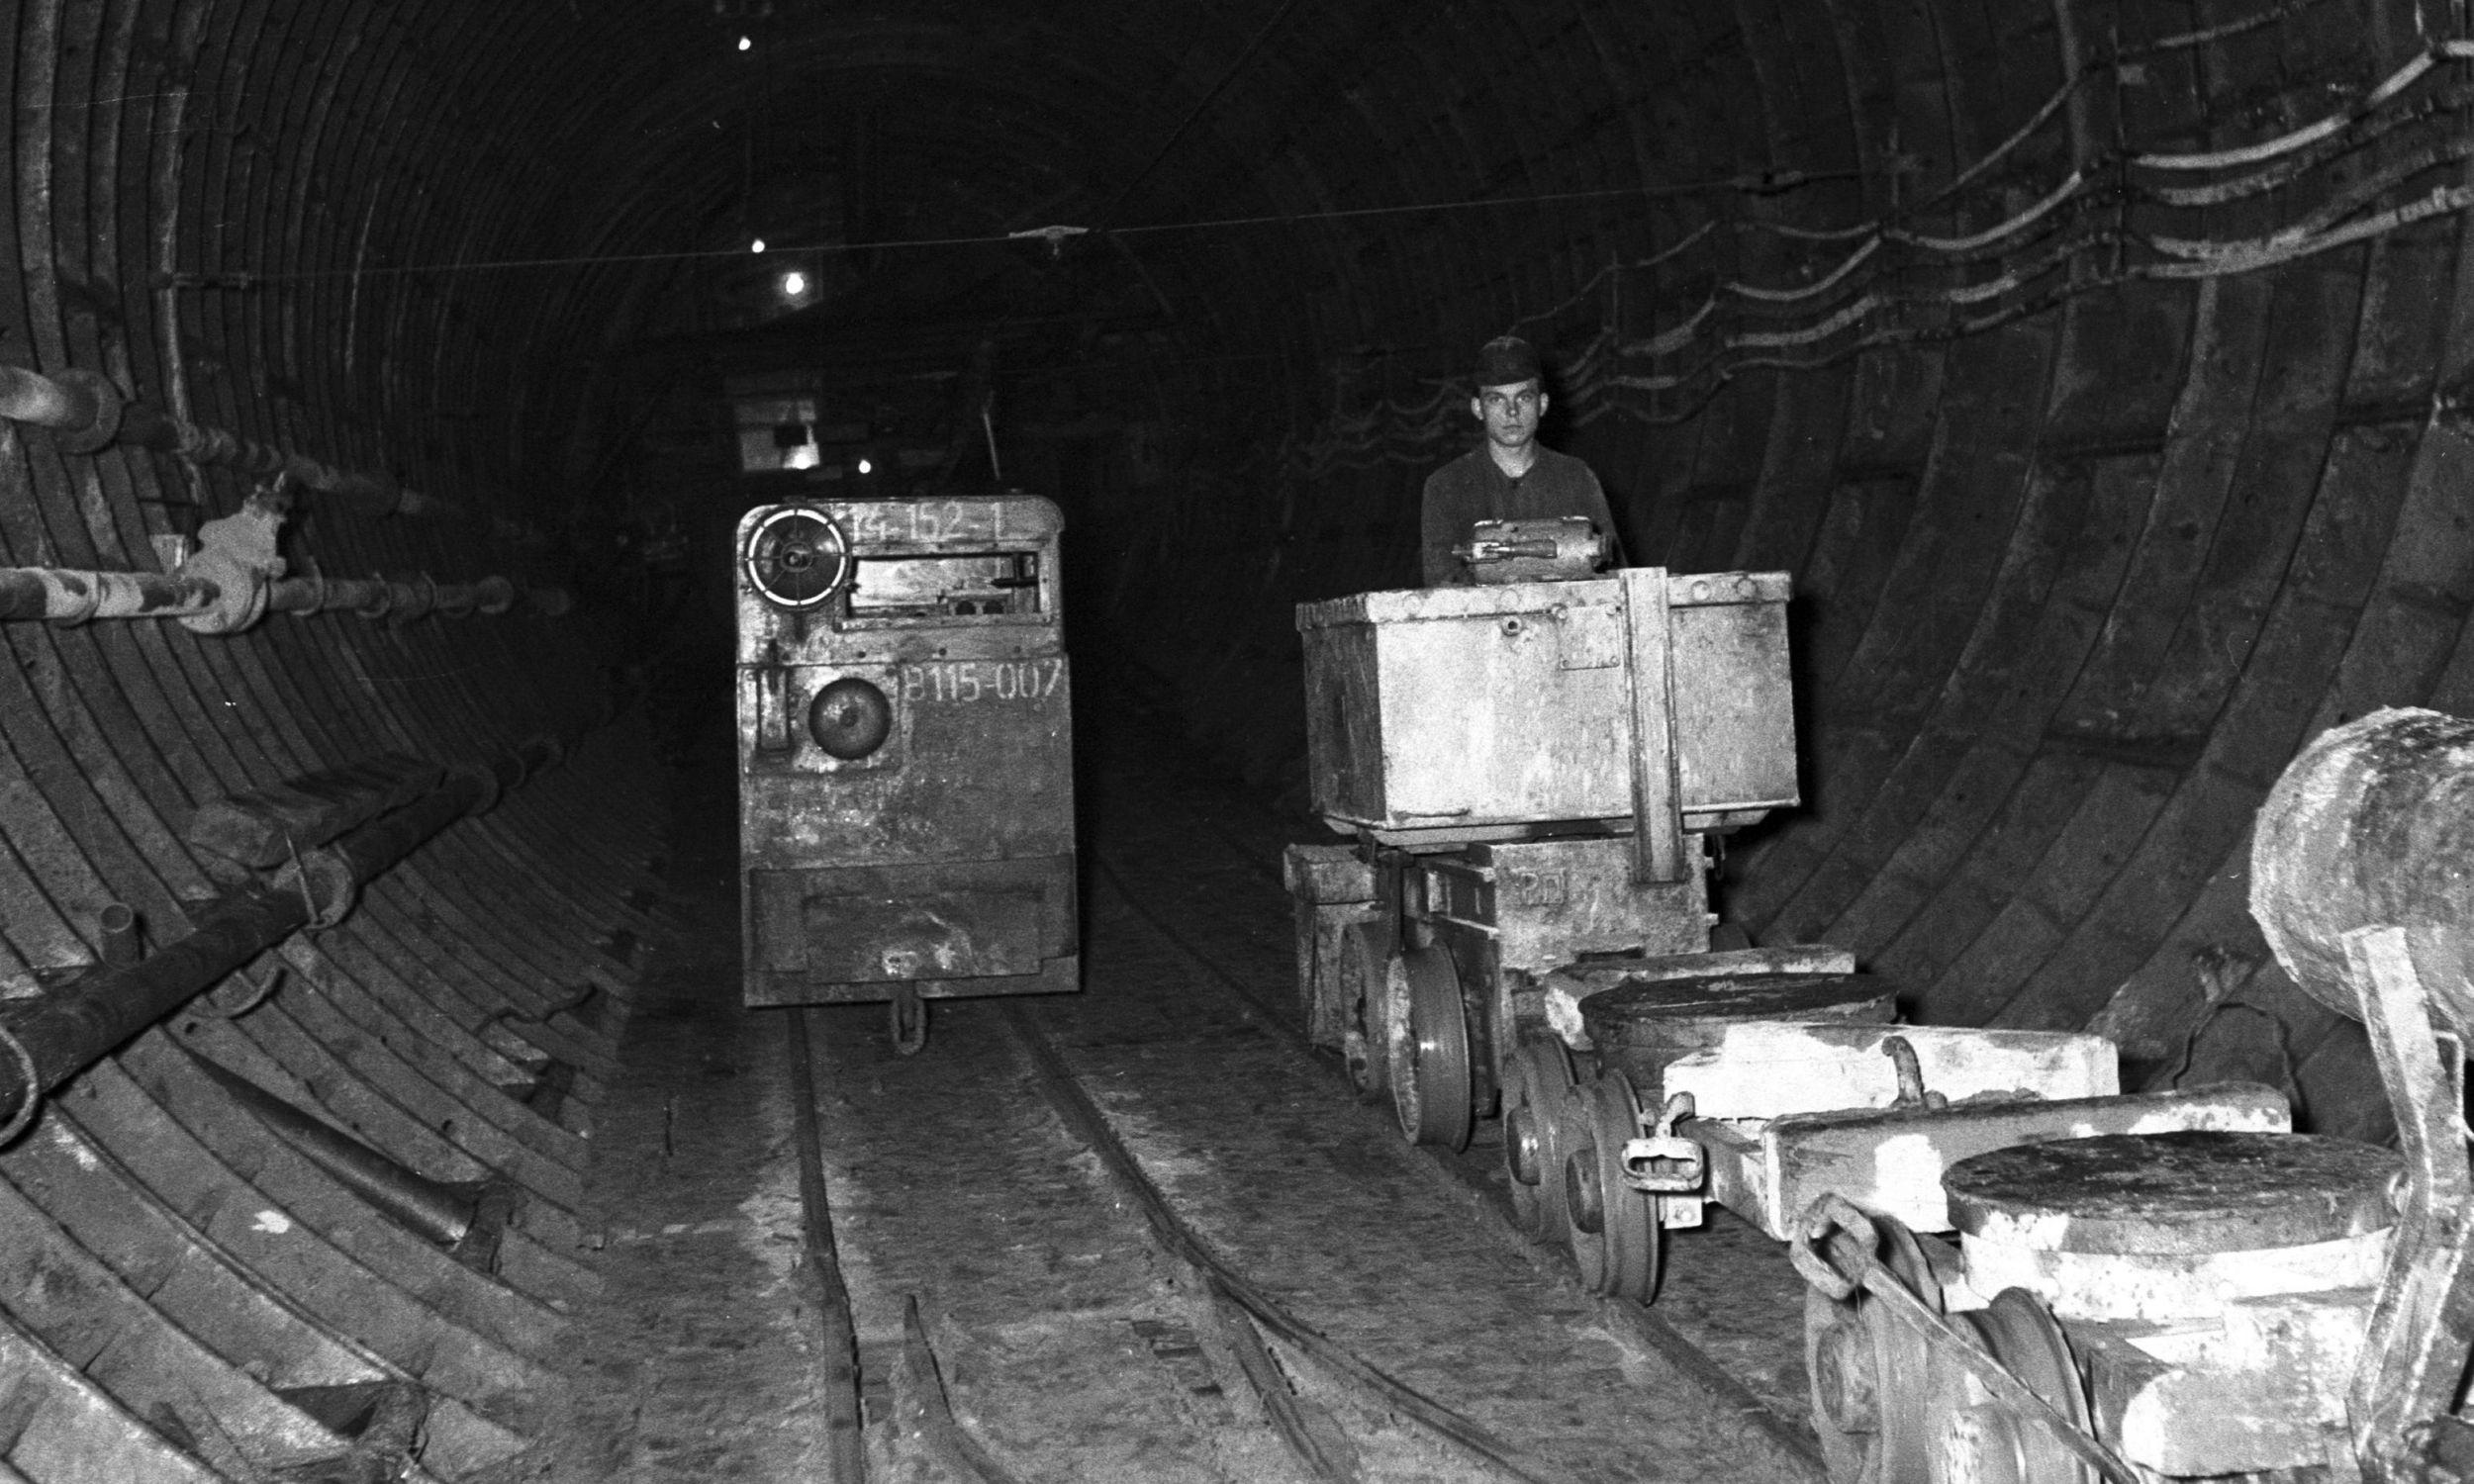 Wózki służące do wywożenia urobku oraz transportu materiałów budowlanych pod ziemią. Fot. NAC/Archiwum Fotograficzne Zbyszka Siemaszki, sygn. 51-220-21